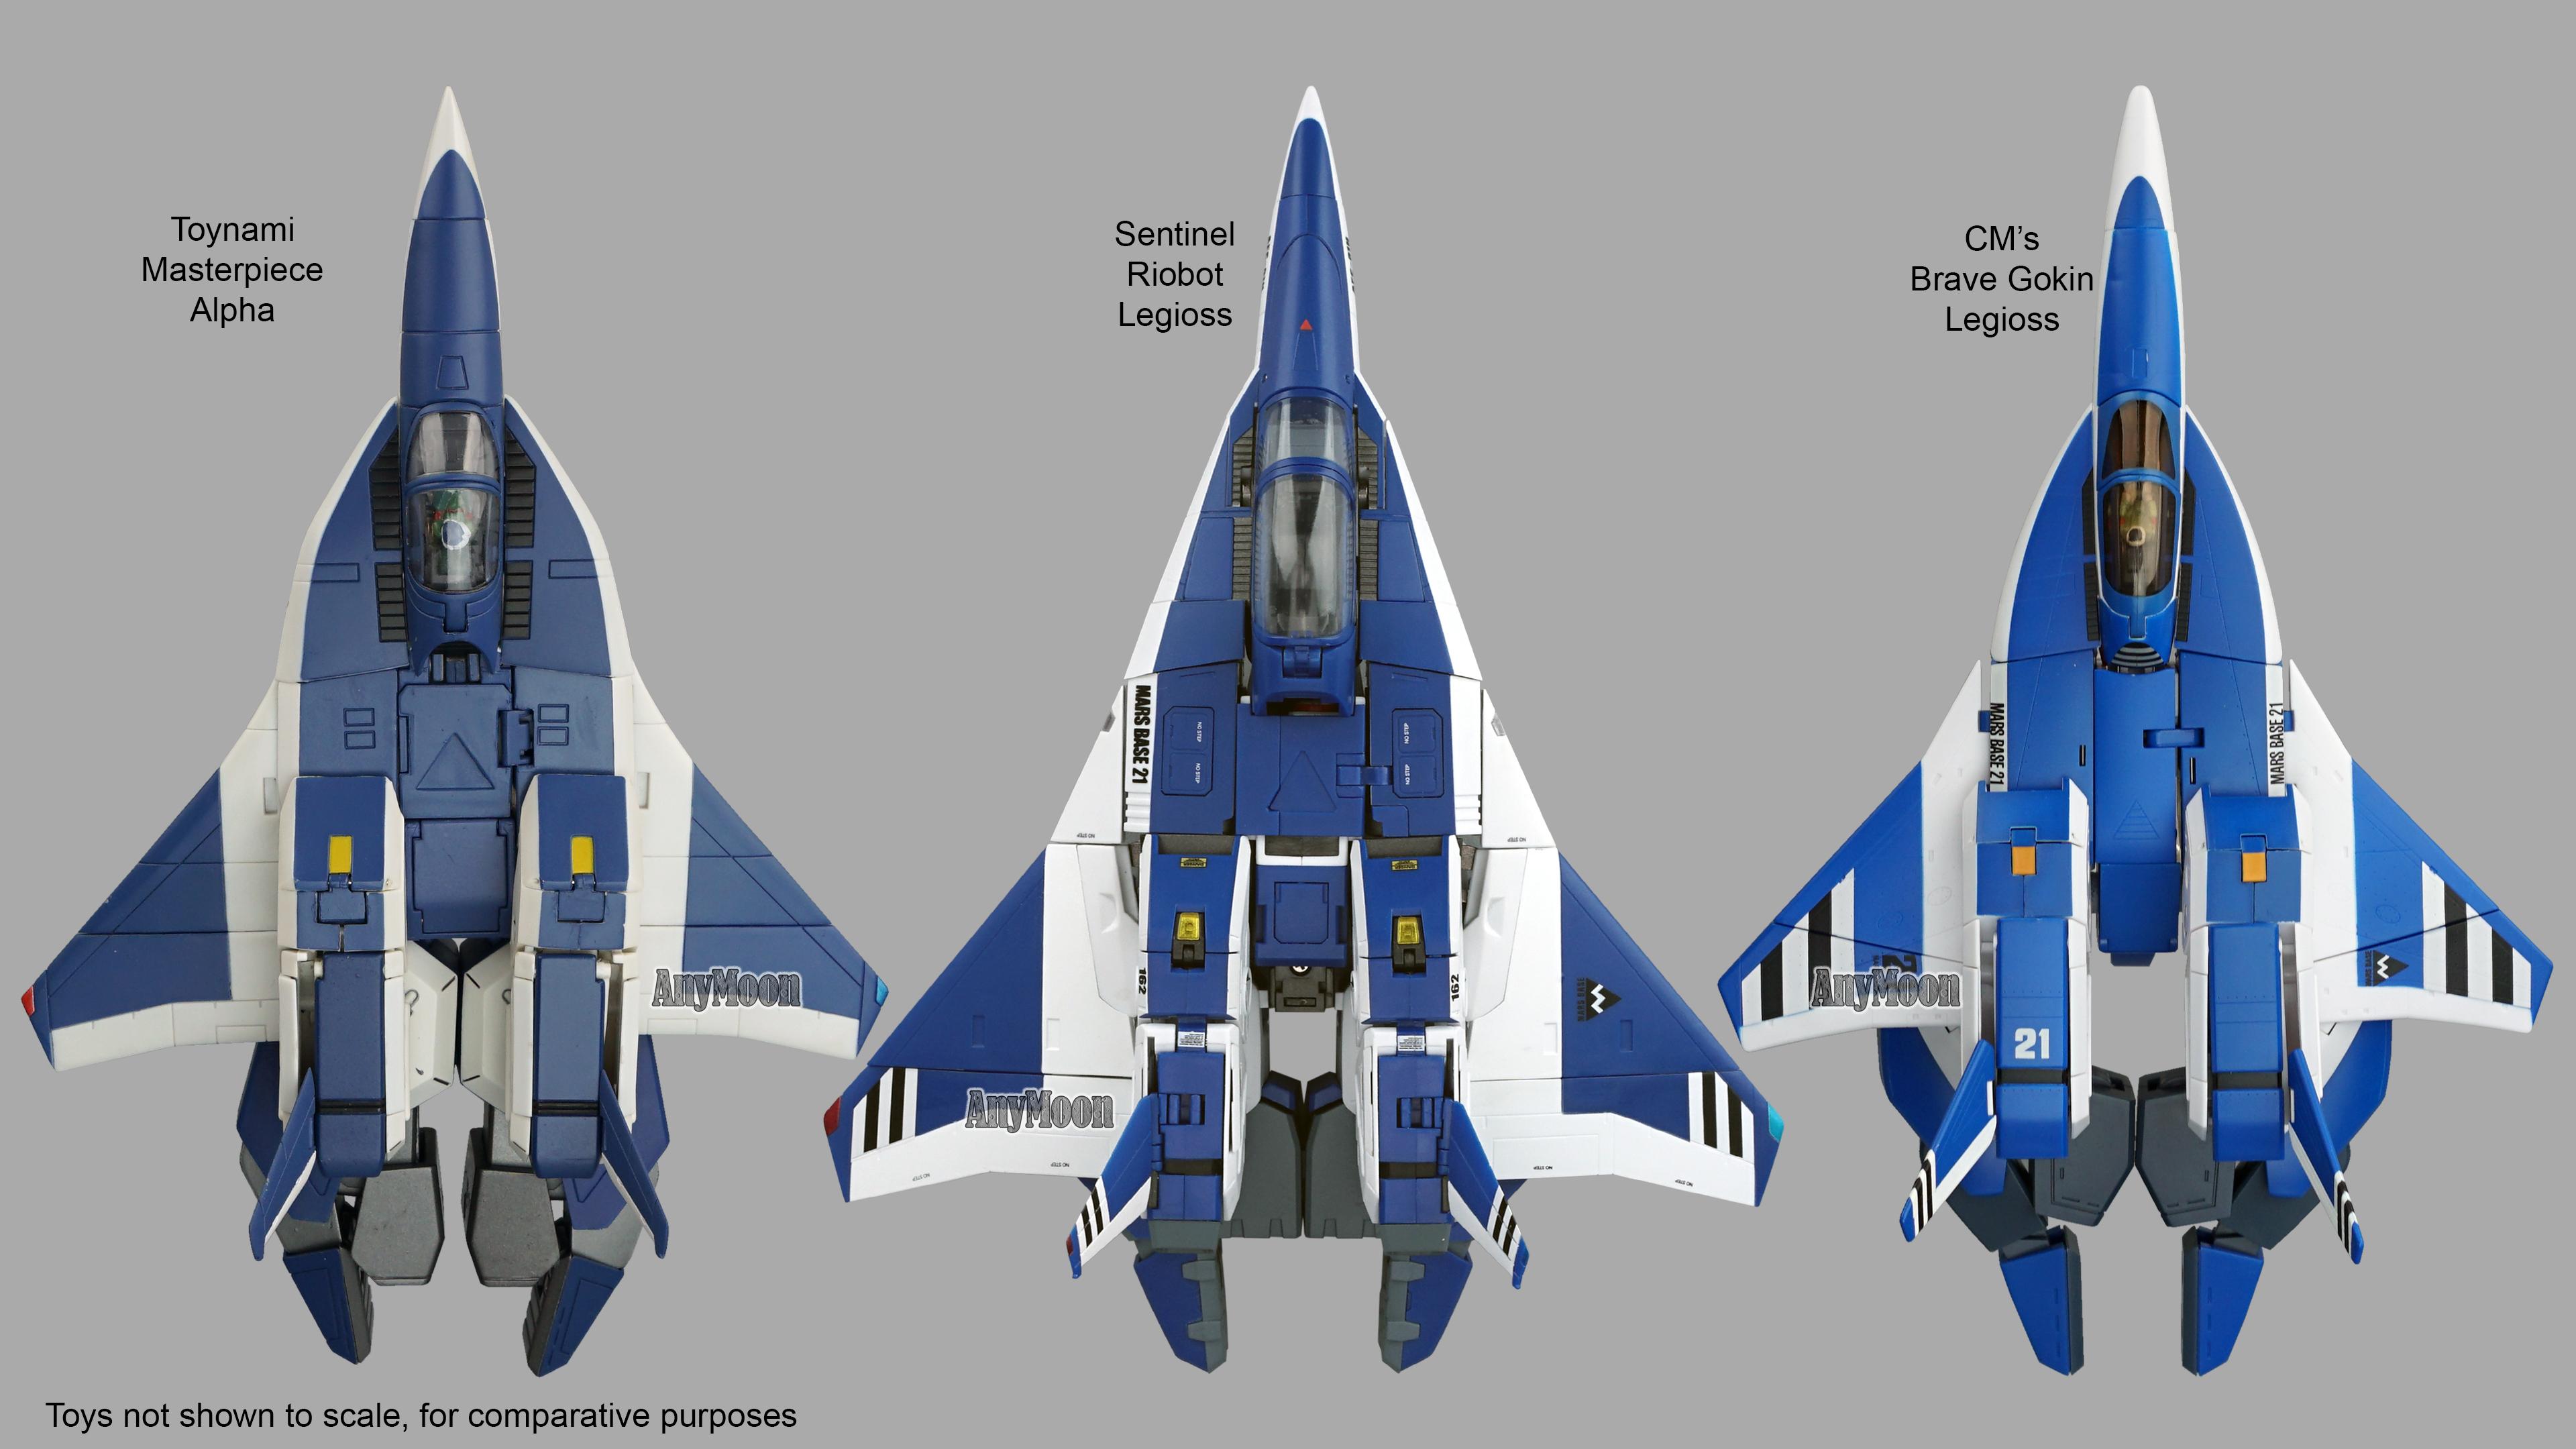 Sentinel-AFC-01H-Legioss-25A.jpg